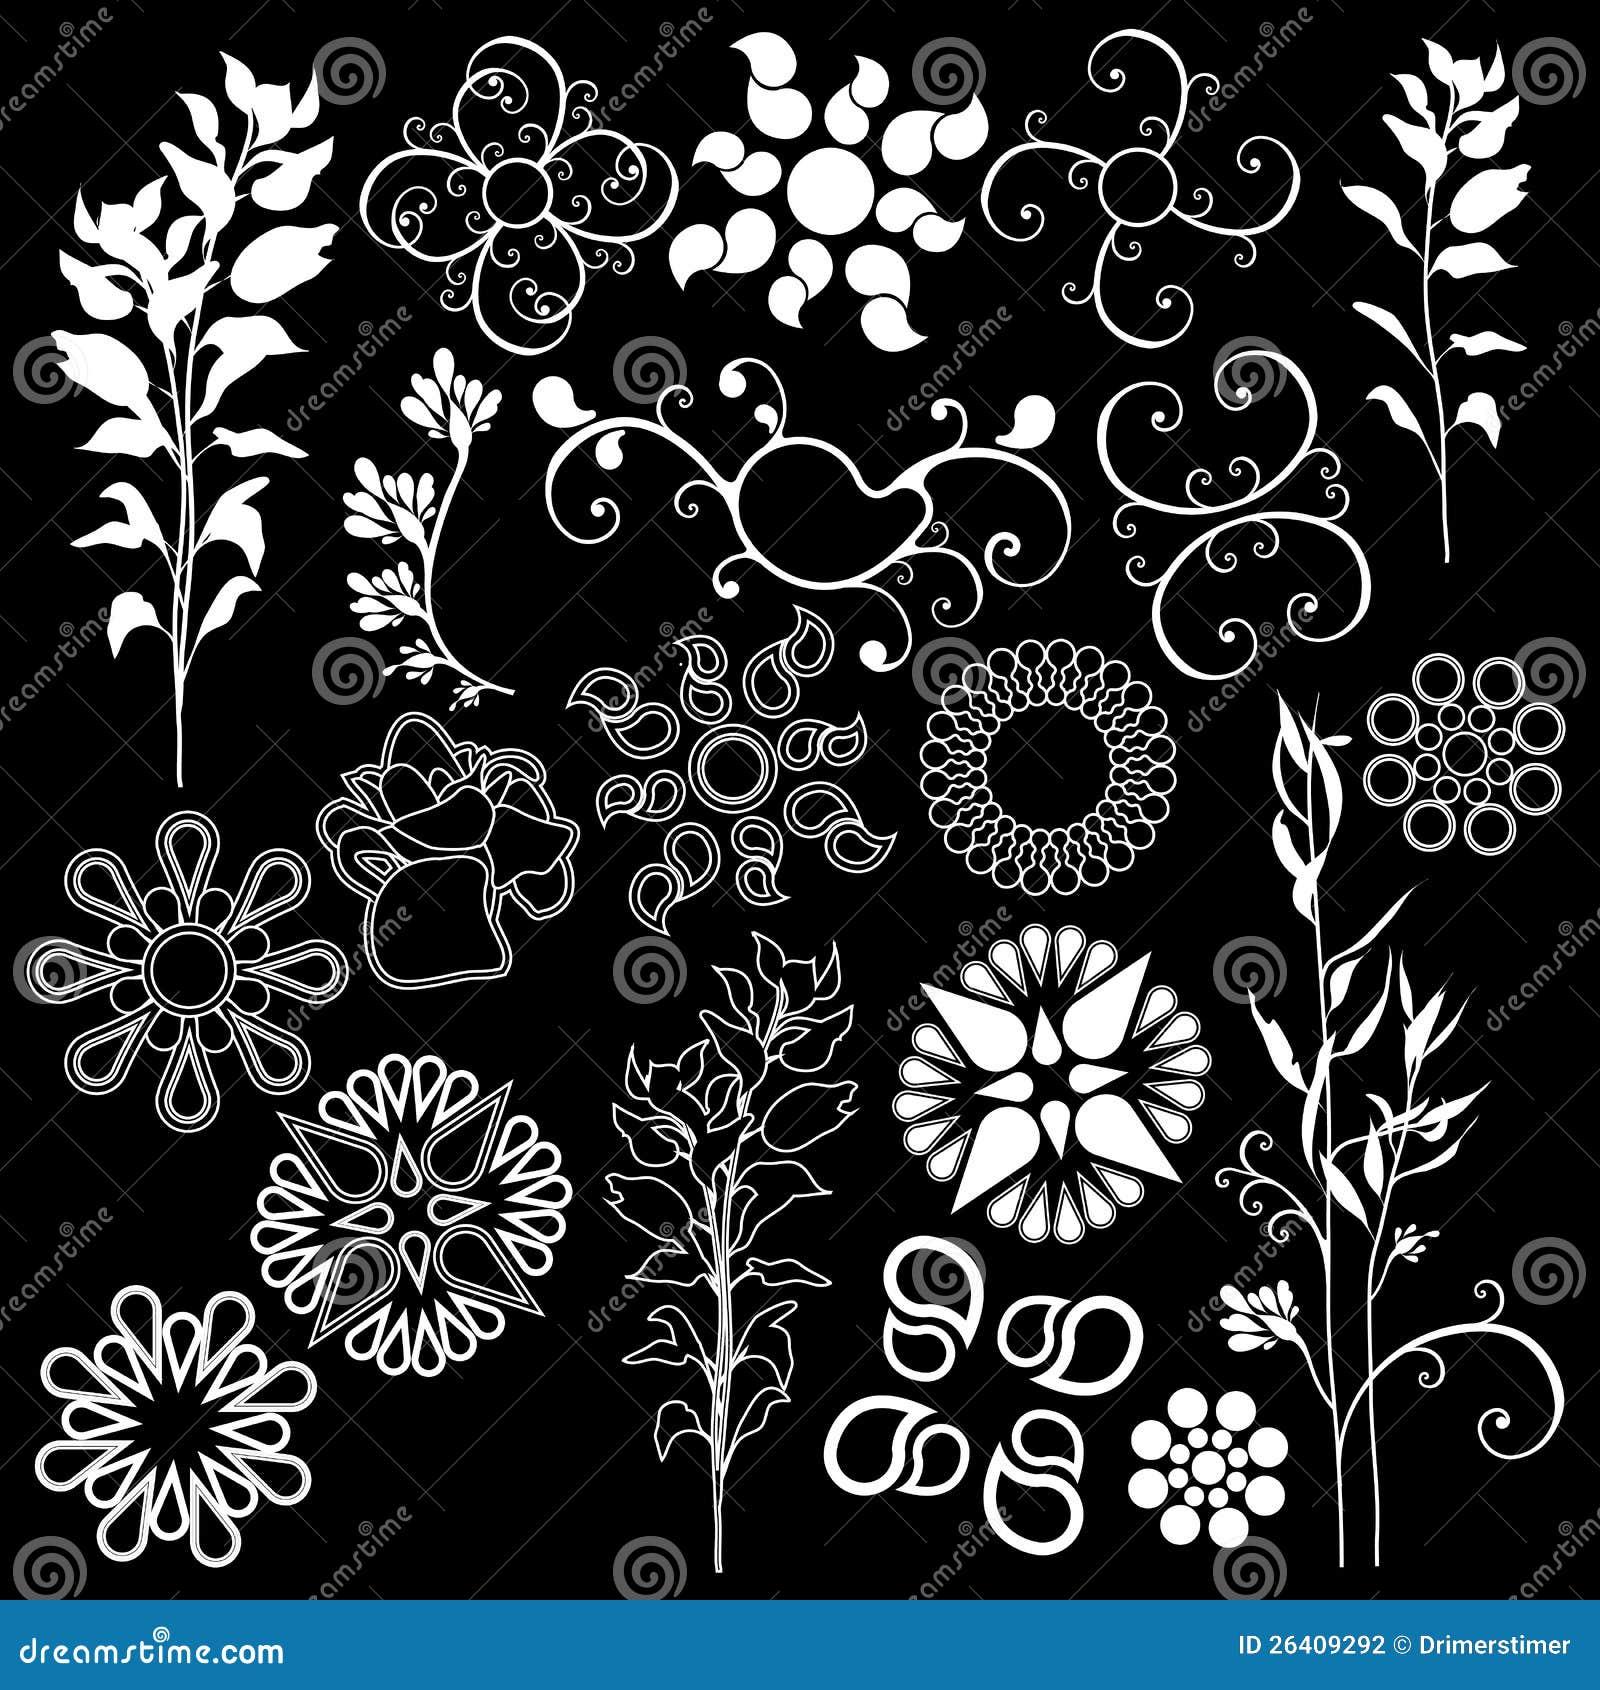 De bloemen zwarte achtergrond van ontwerpelementen